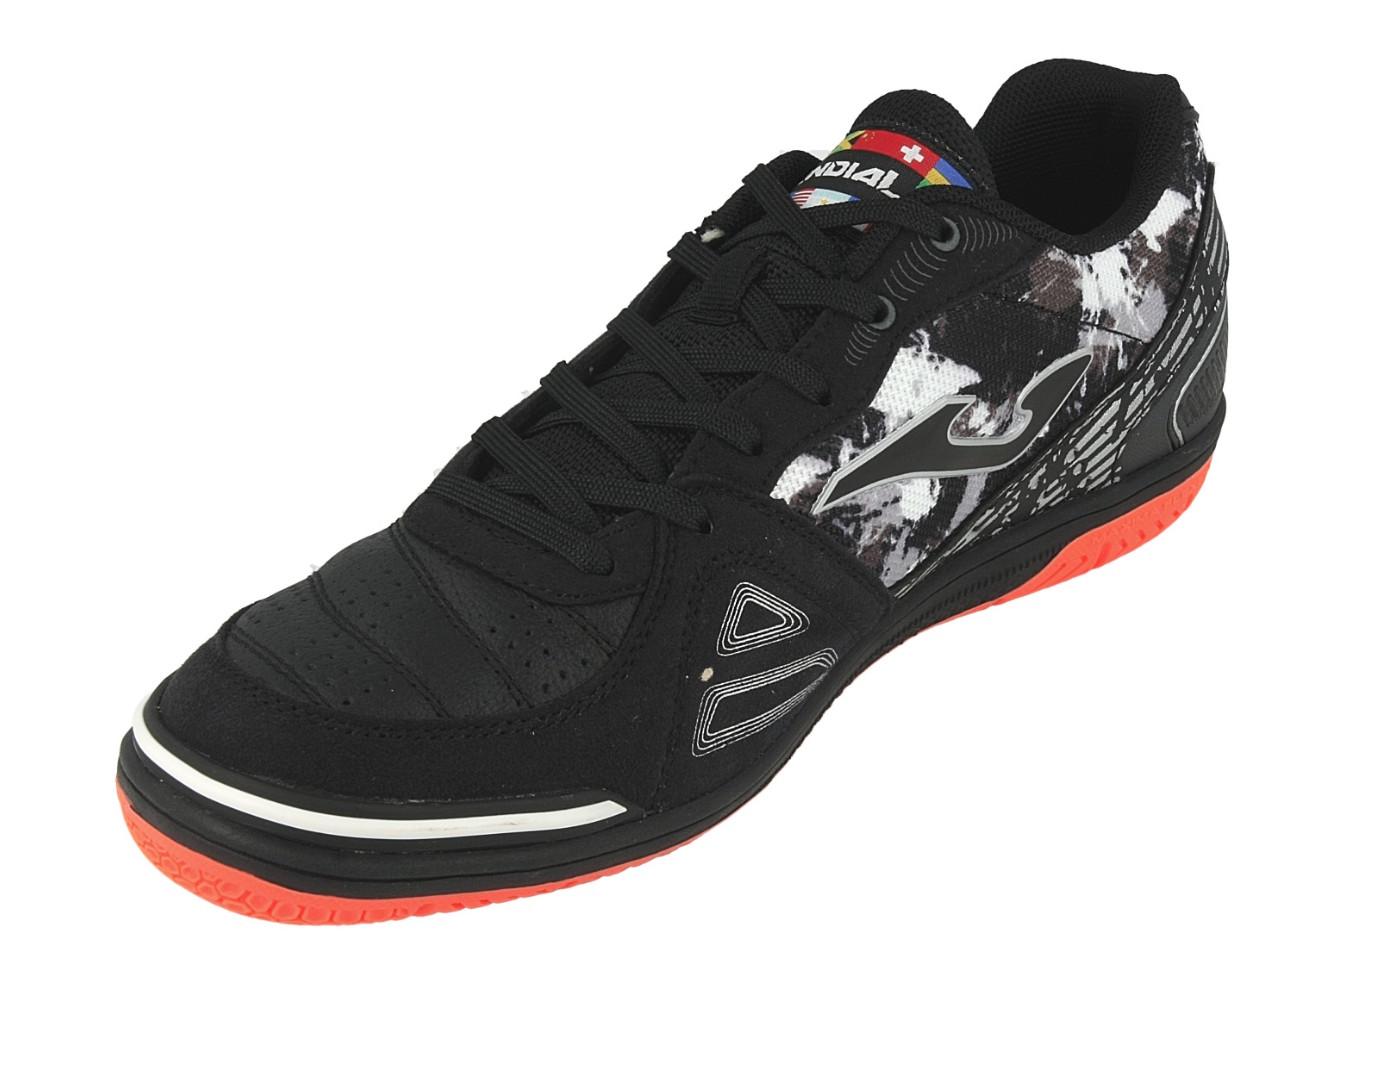 0e3d4e547 Football shoes Joma Scarpe Calcio Mundial Nero Indoor IC Sala Futsal parquet  6 6 di 8 ...